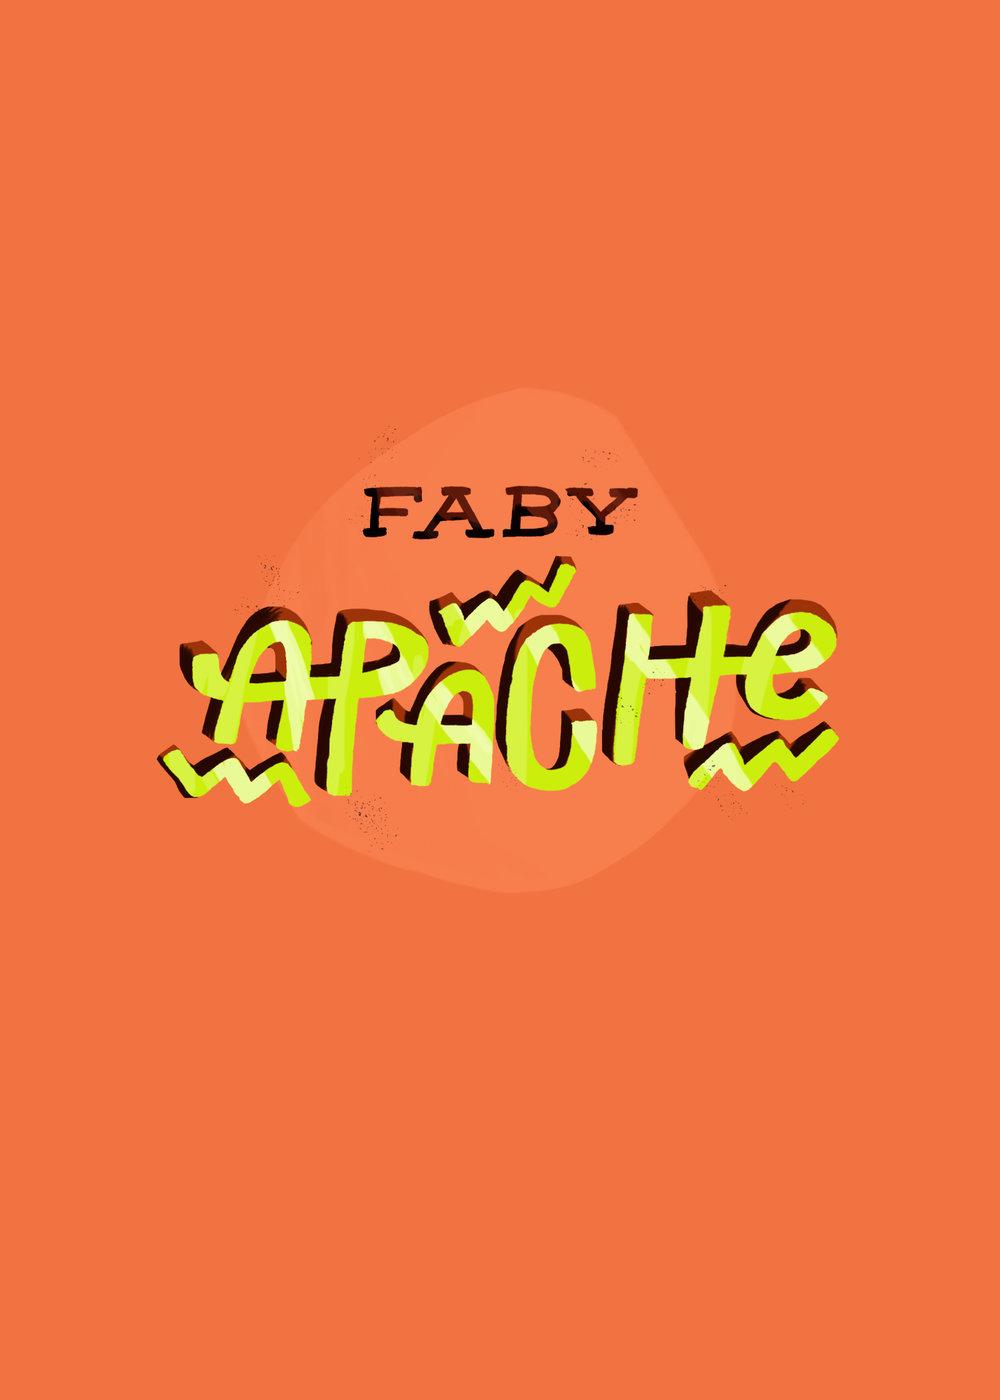 3.FabyApache.jpg